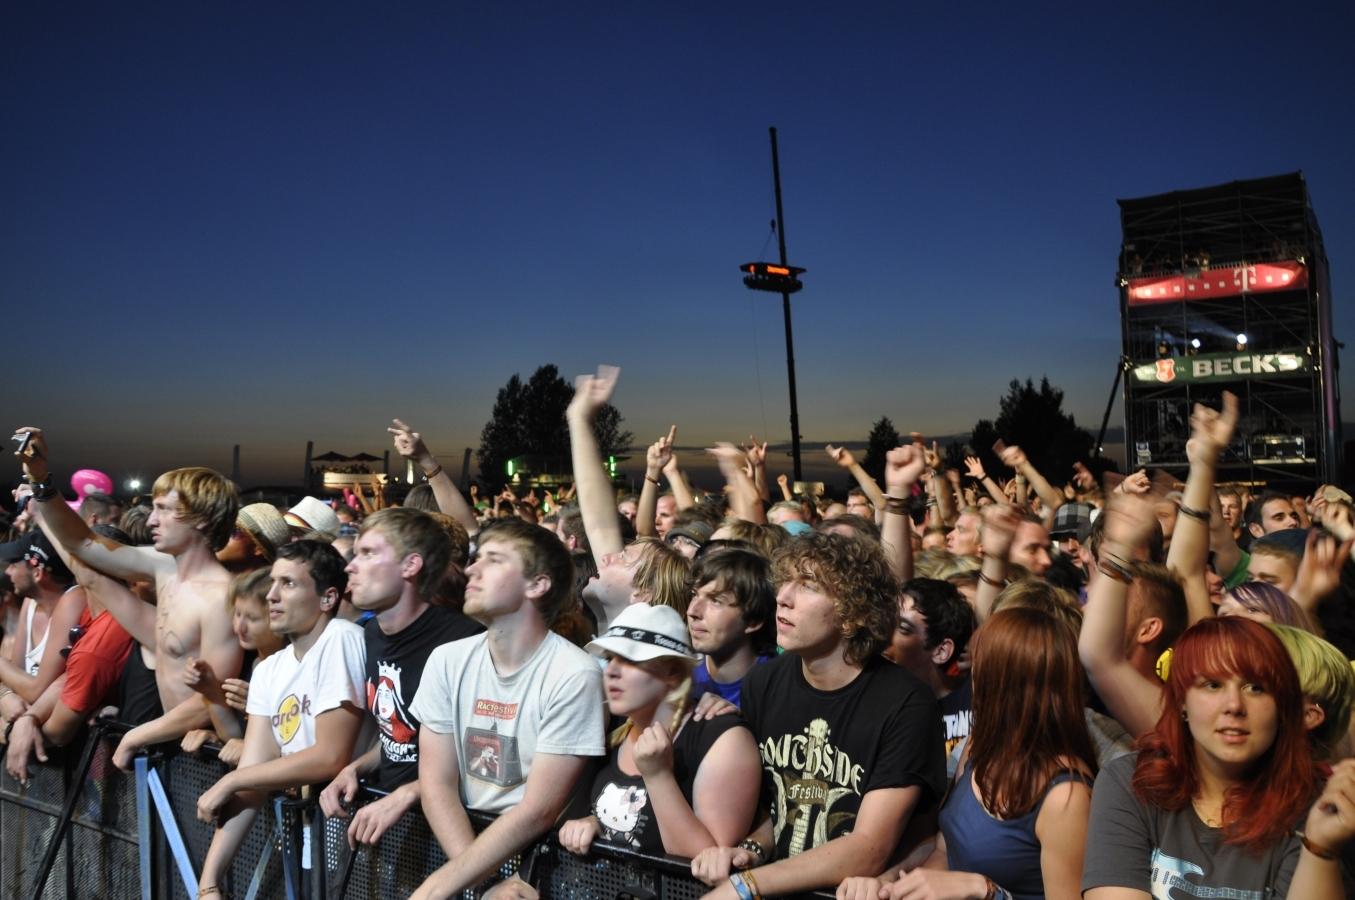 Dauerregen in den Tagen davor, dann Sonnenschein zum Highfield-Start: Die Fans waren entsprechend gut gelaunt.